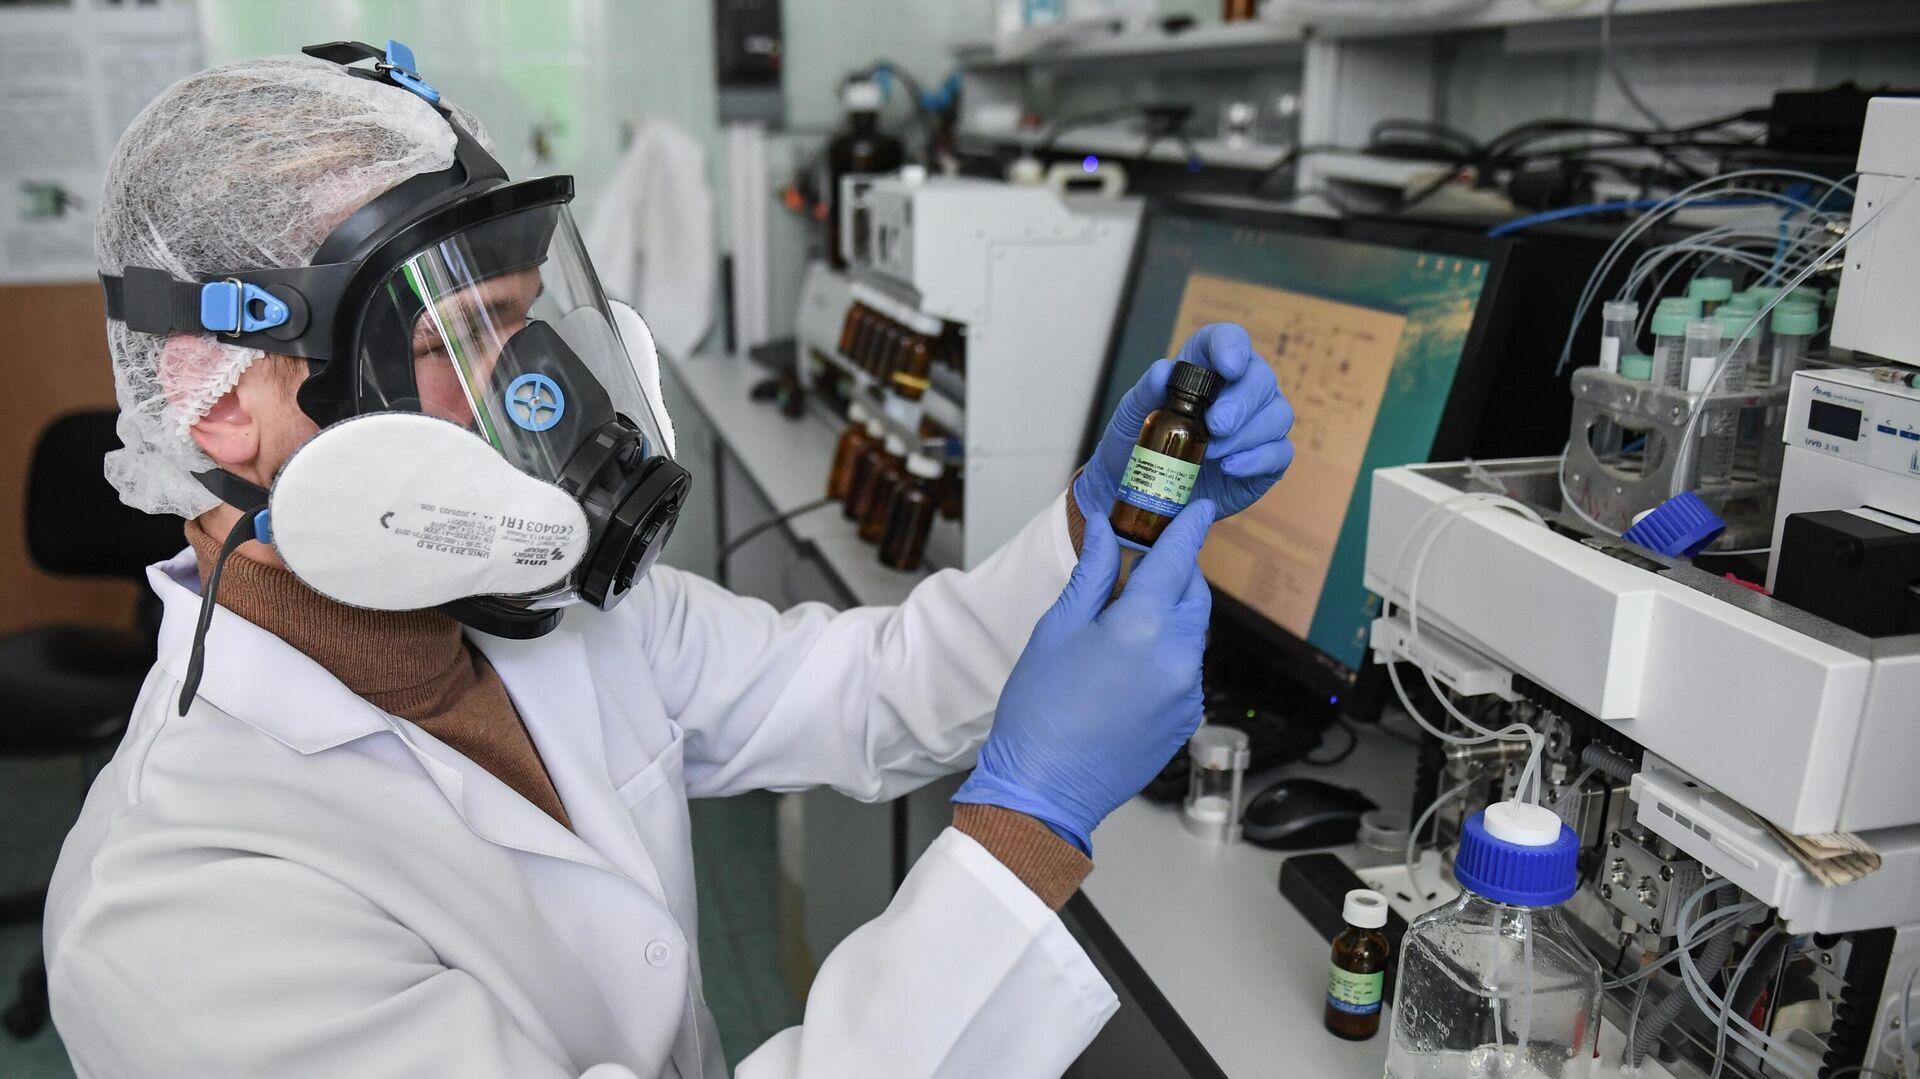 Учёные Крымского федерального университета разработали новую вакцину от коронавируса - РИА Новости, 1920, 17.10.2020